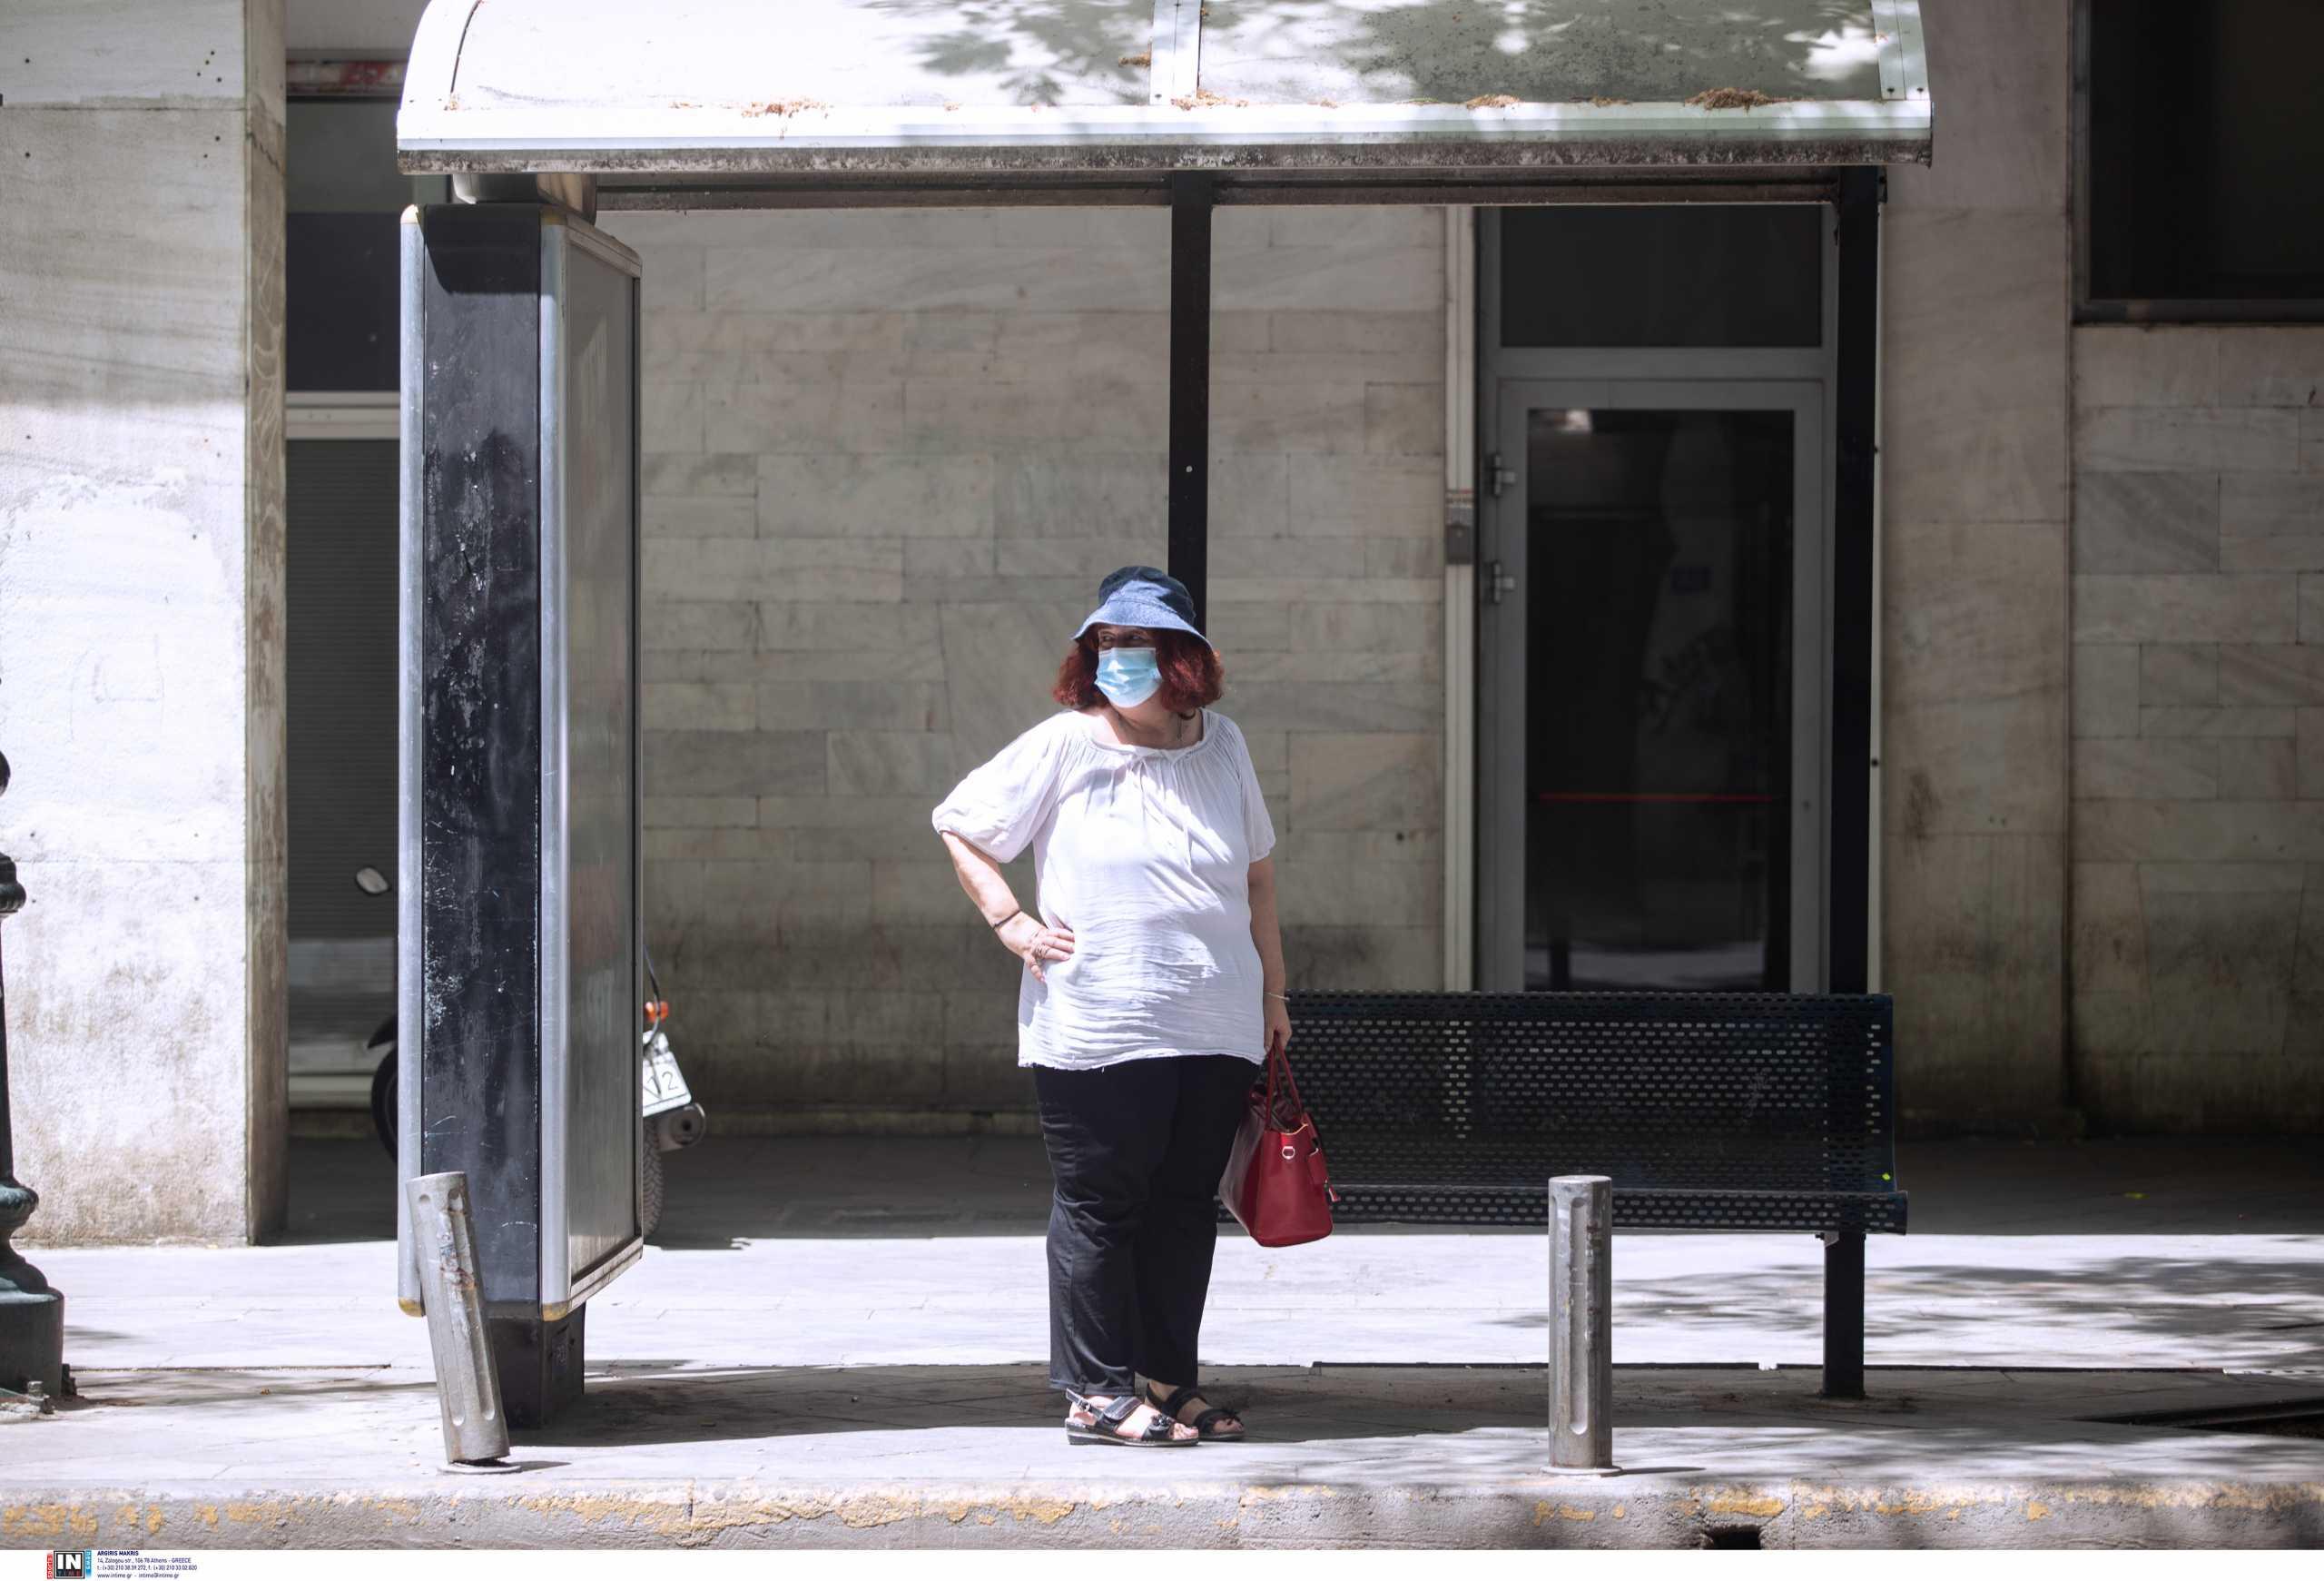 Meteo: Μέχρι 42 βαθμοί τη Δευτέρα και 6 μποφόρ στο Αιγαίο